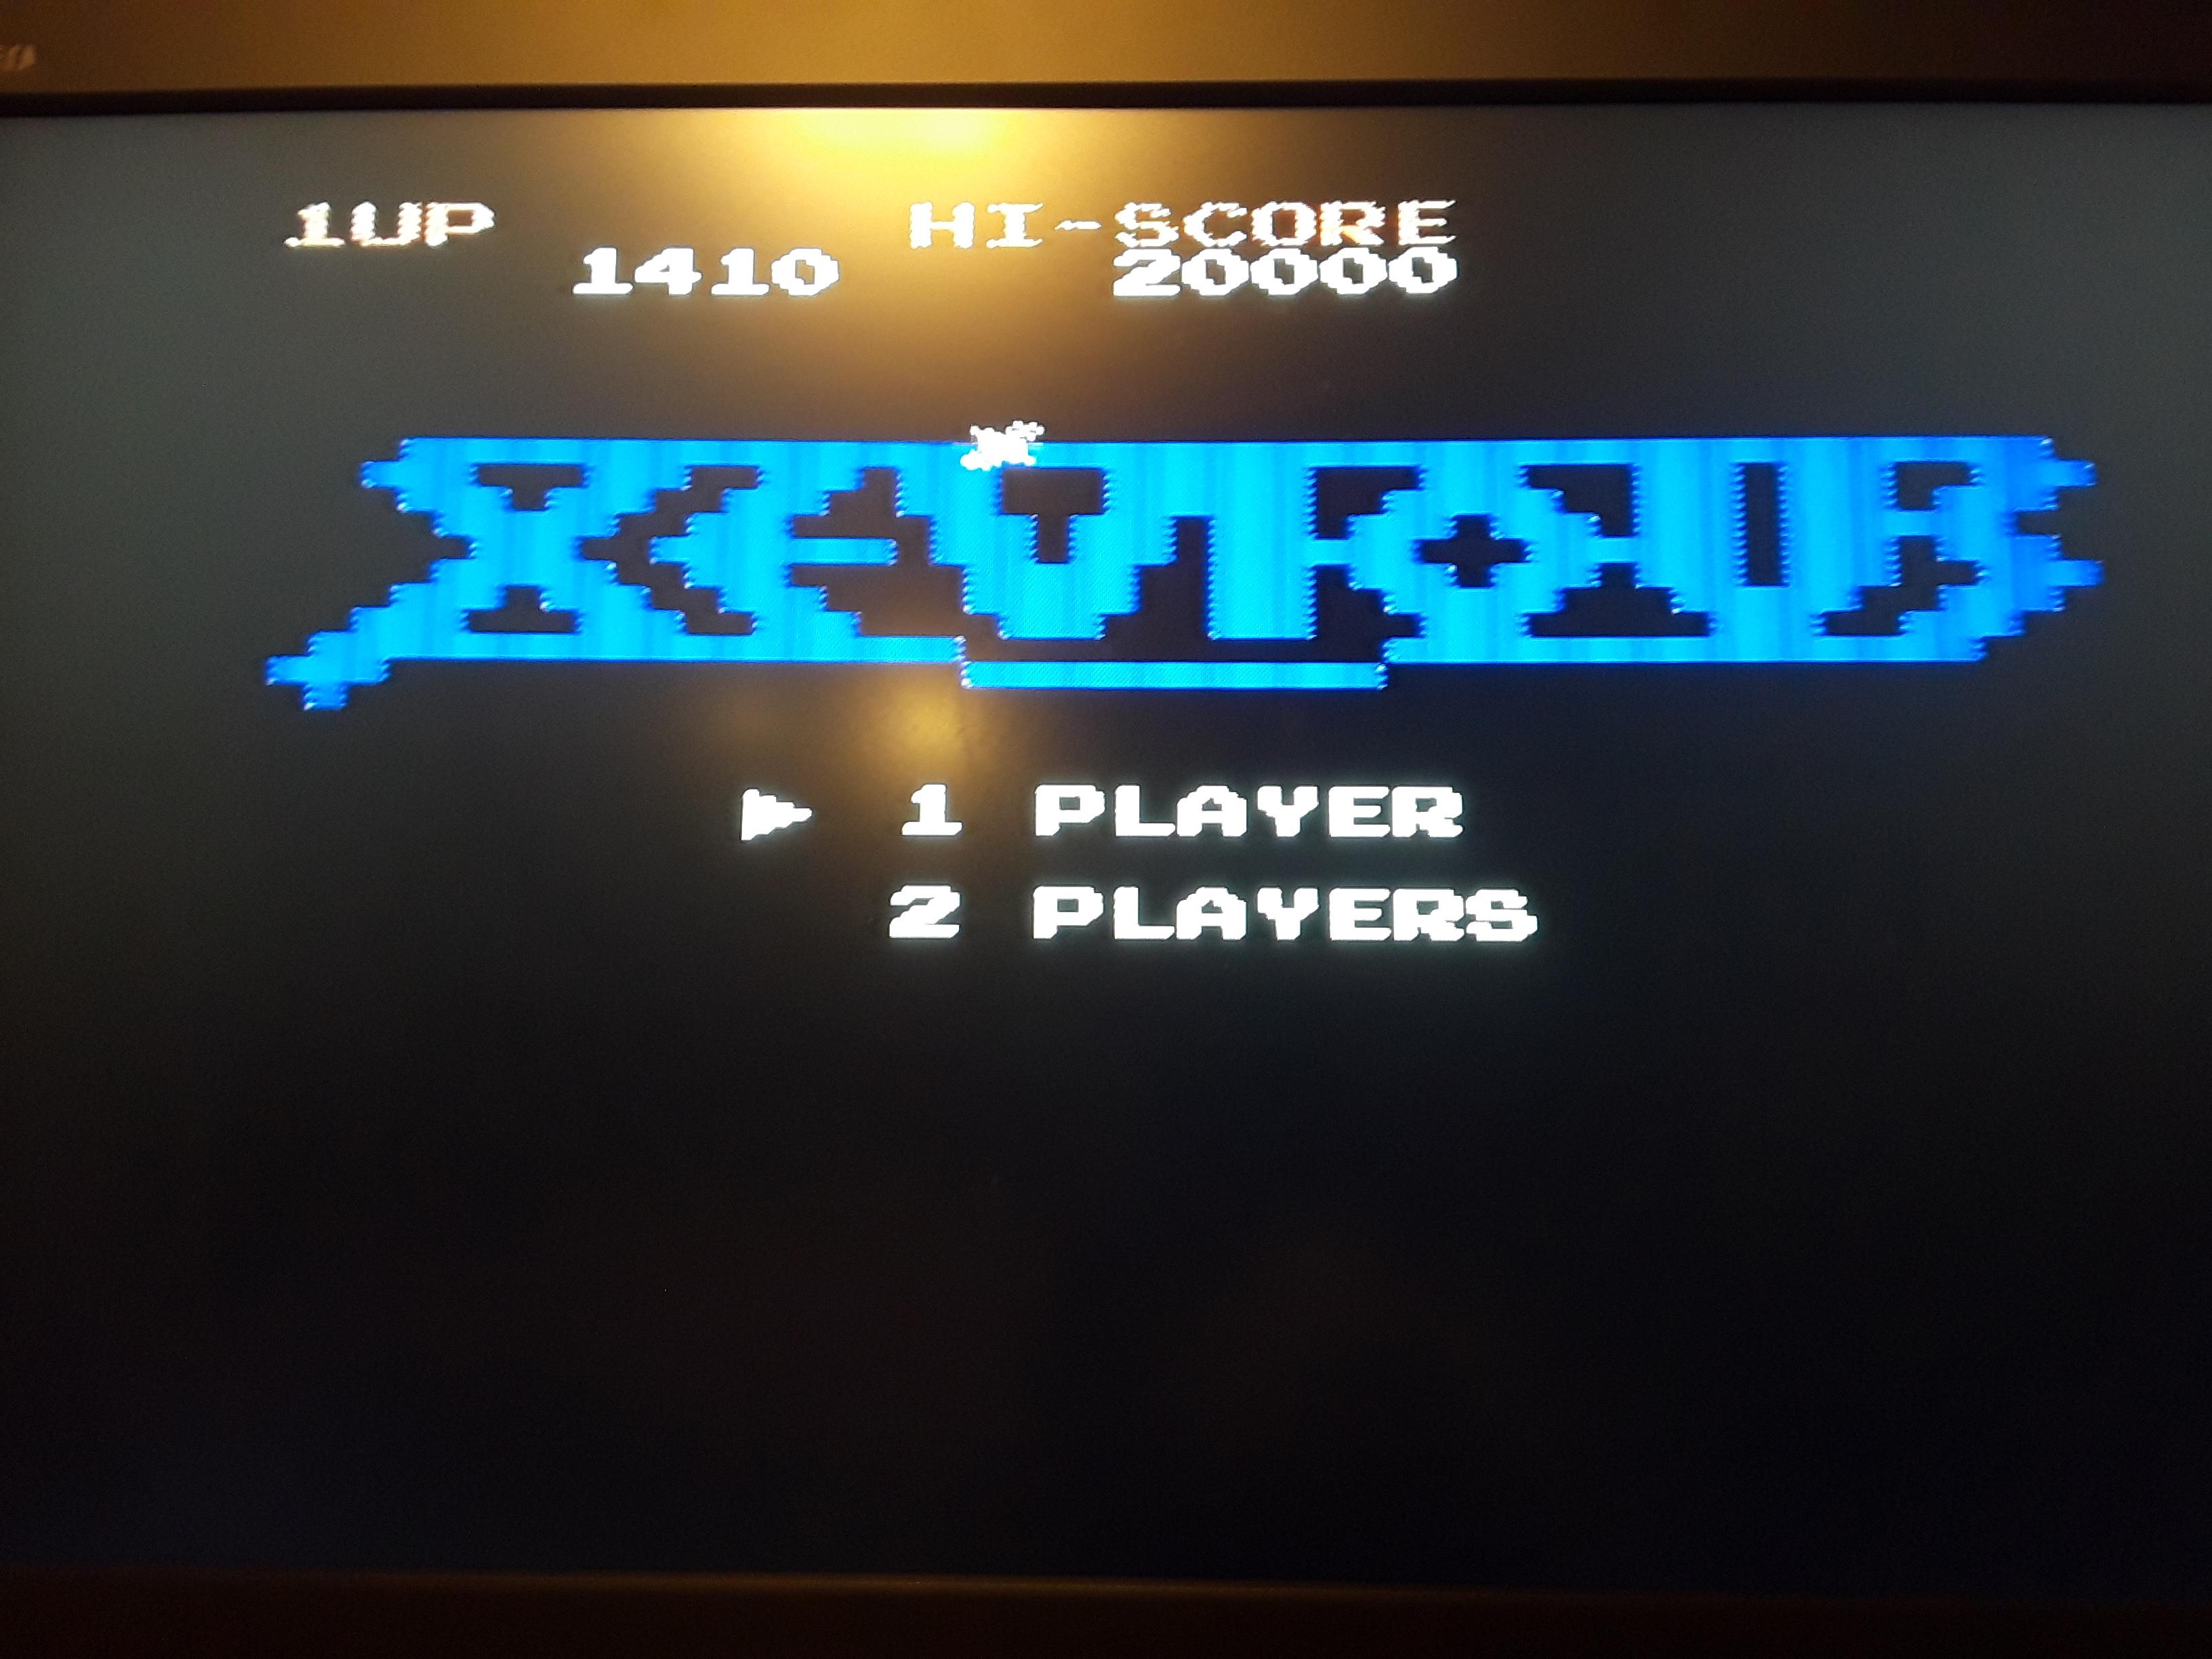 Xevious 1,410 points